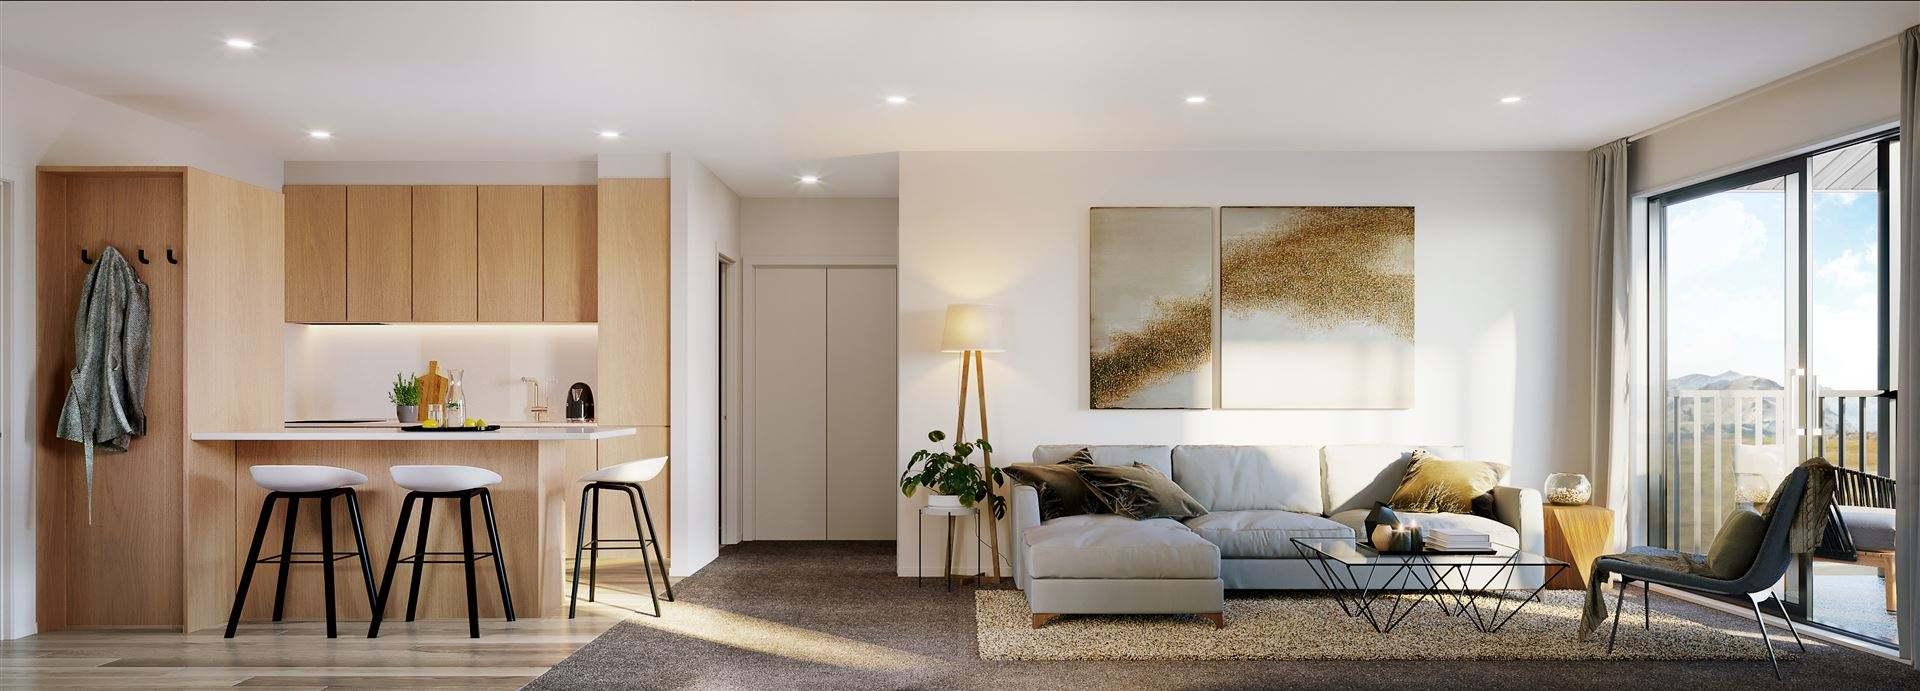 Frankton 2房 Smart New 2-Bedroom Queenstown Apartment